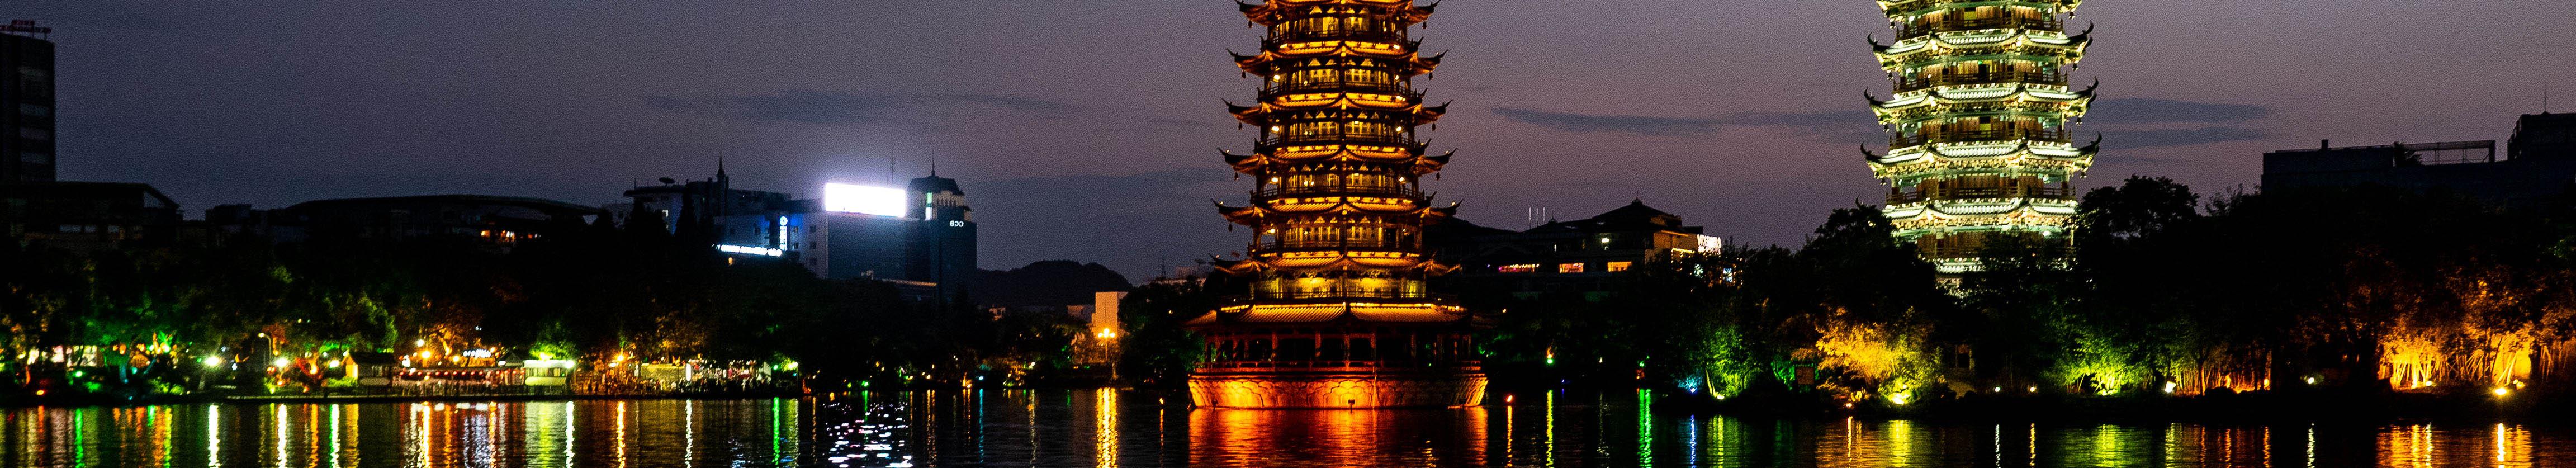 Гранд-тур + Гуйлинь <br> Пекин — Лоян — Сиань — Гуйлинь — Шанхай